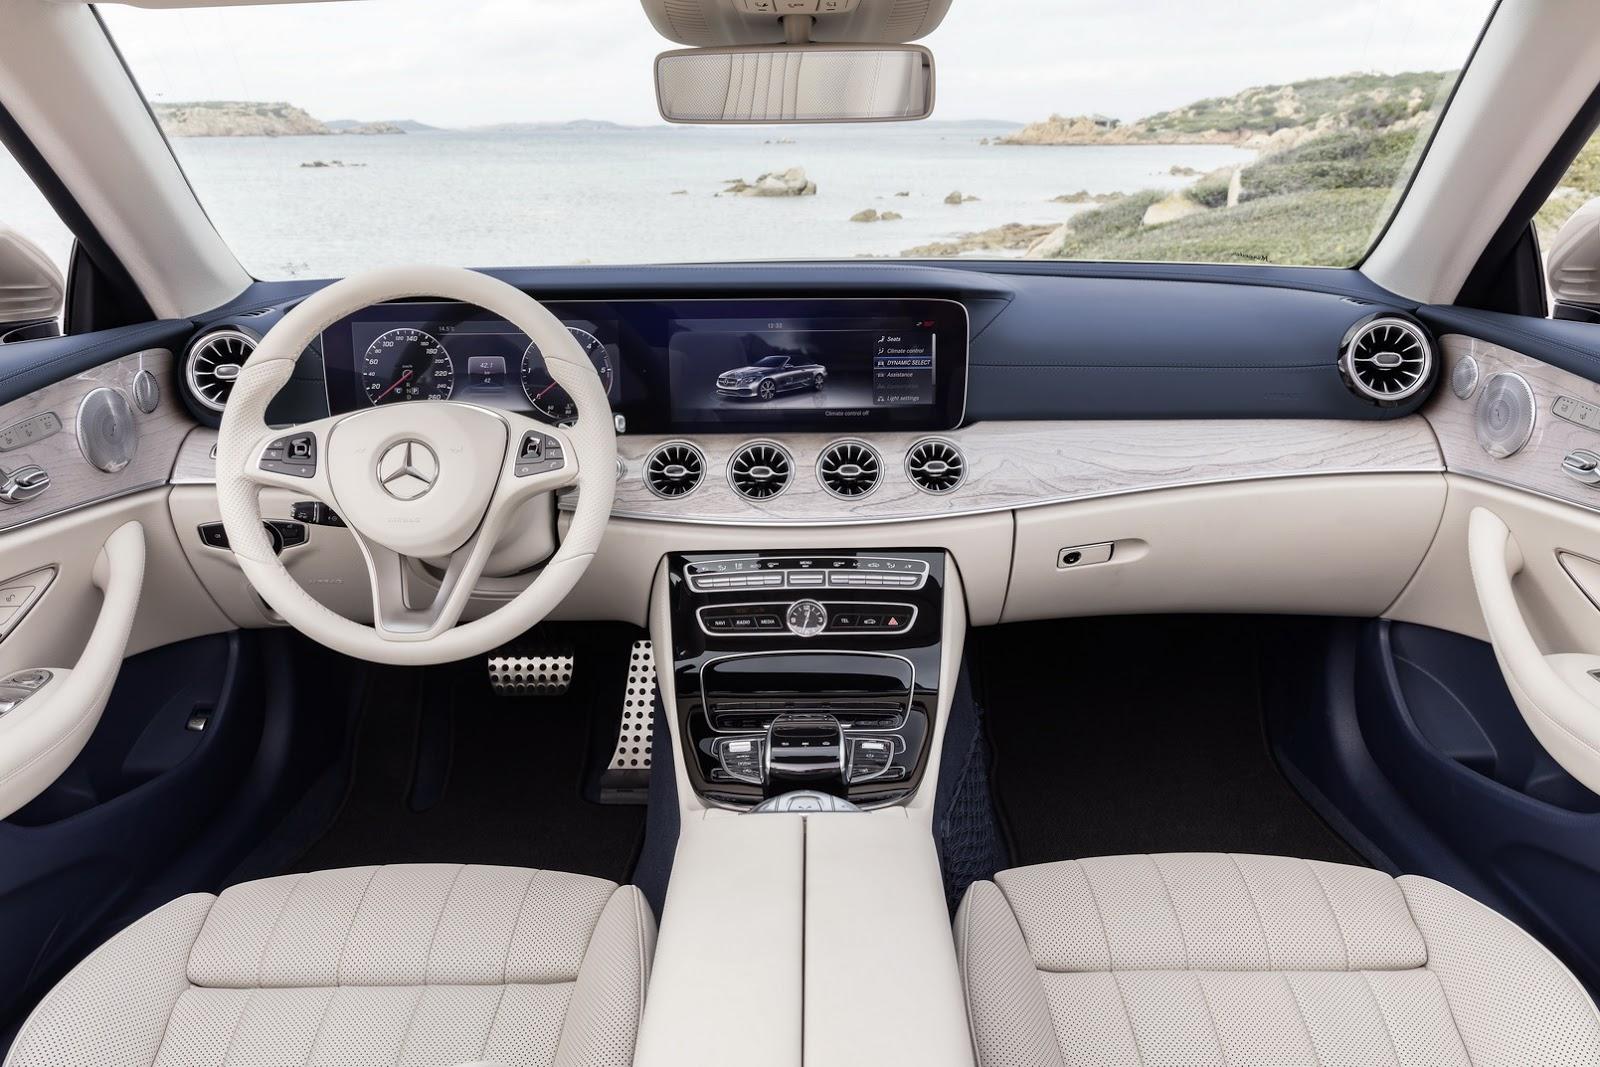 Mercedes E-Class Cabriolet 2018 (38)